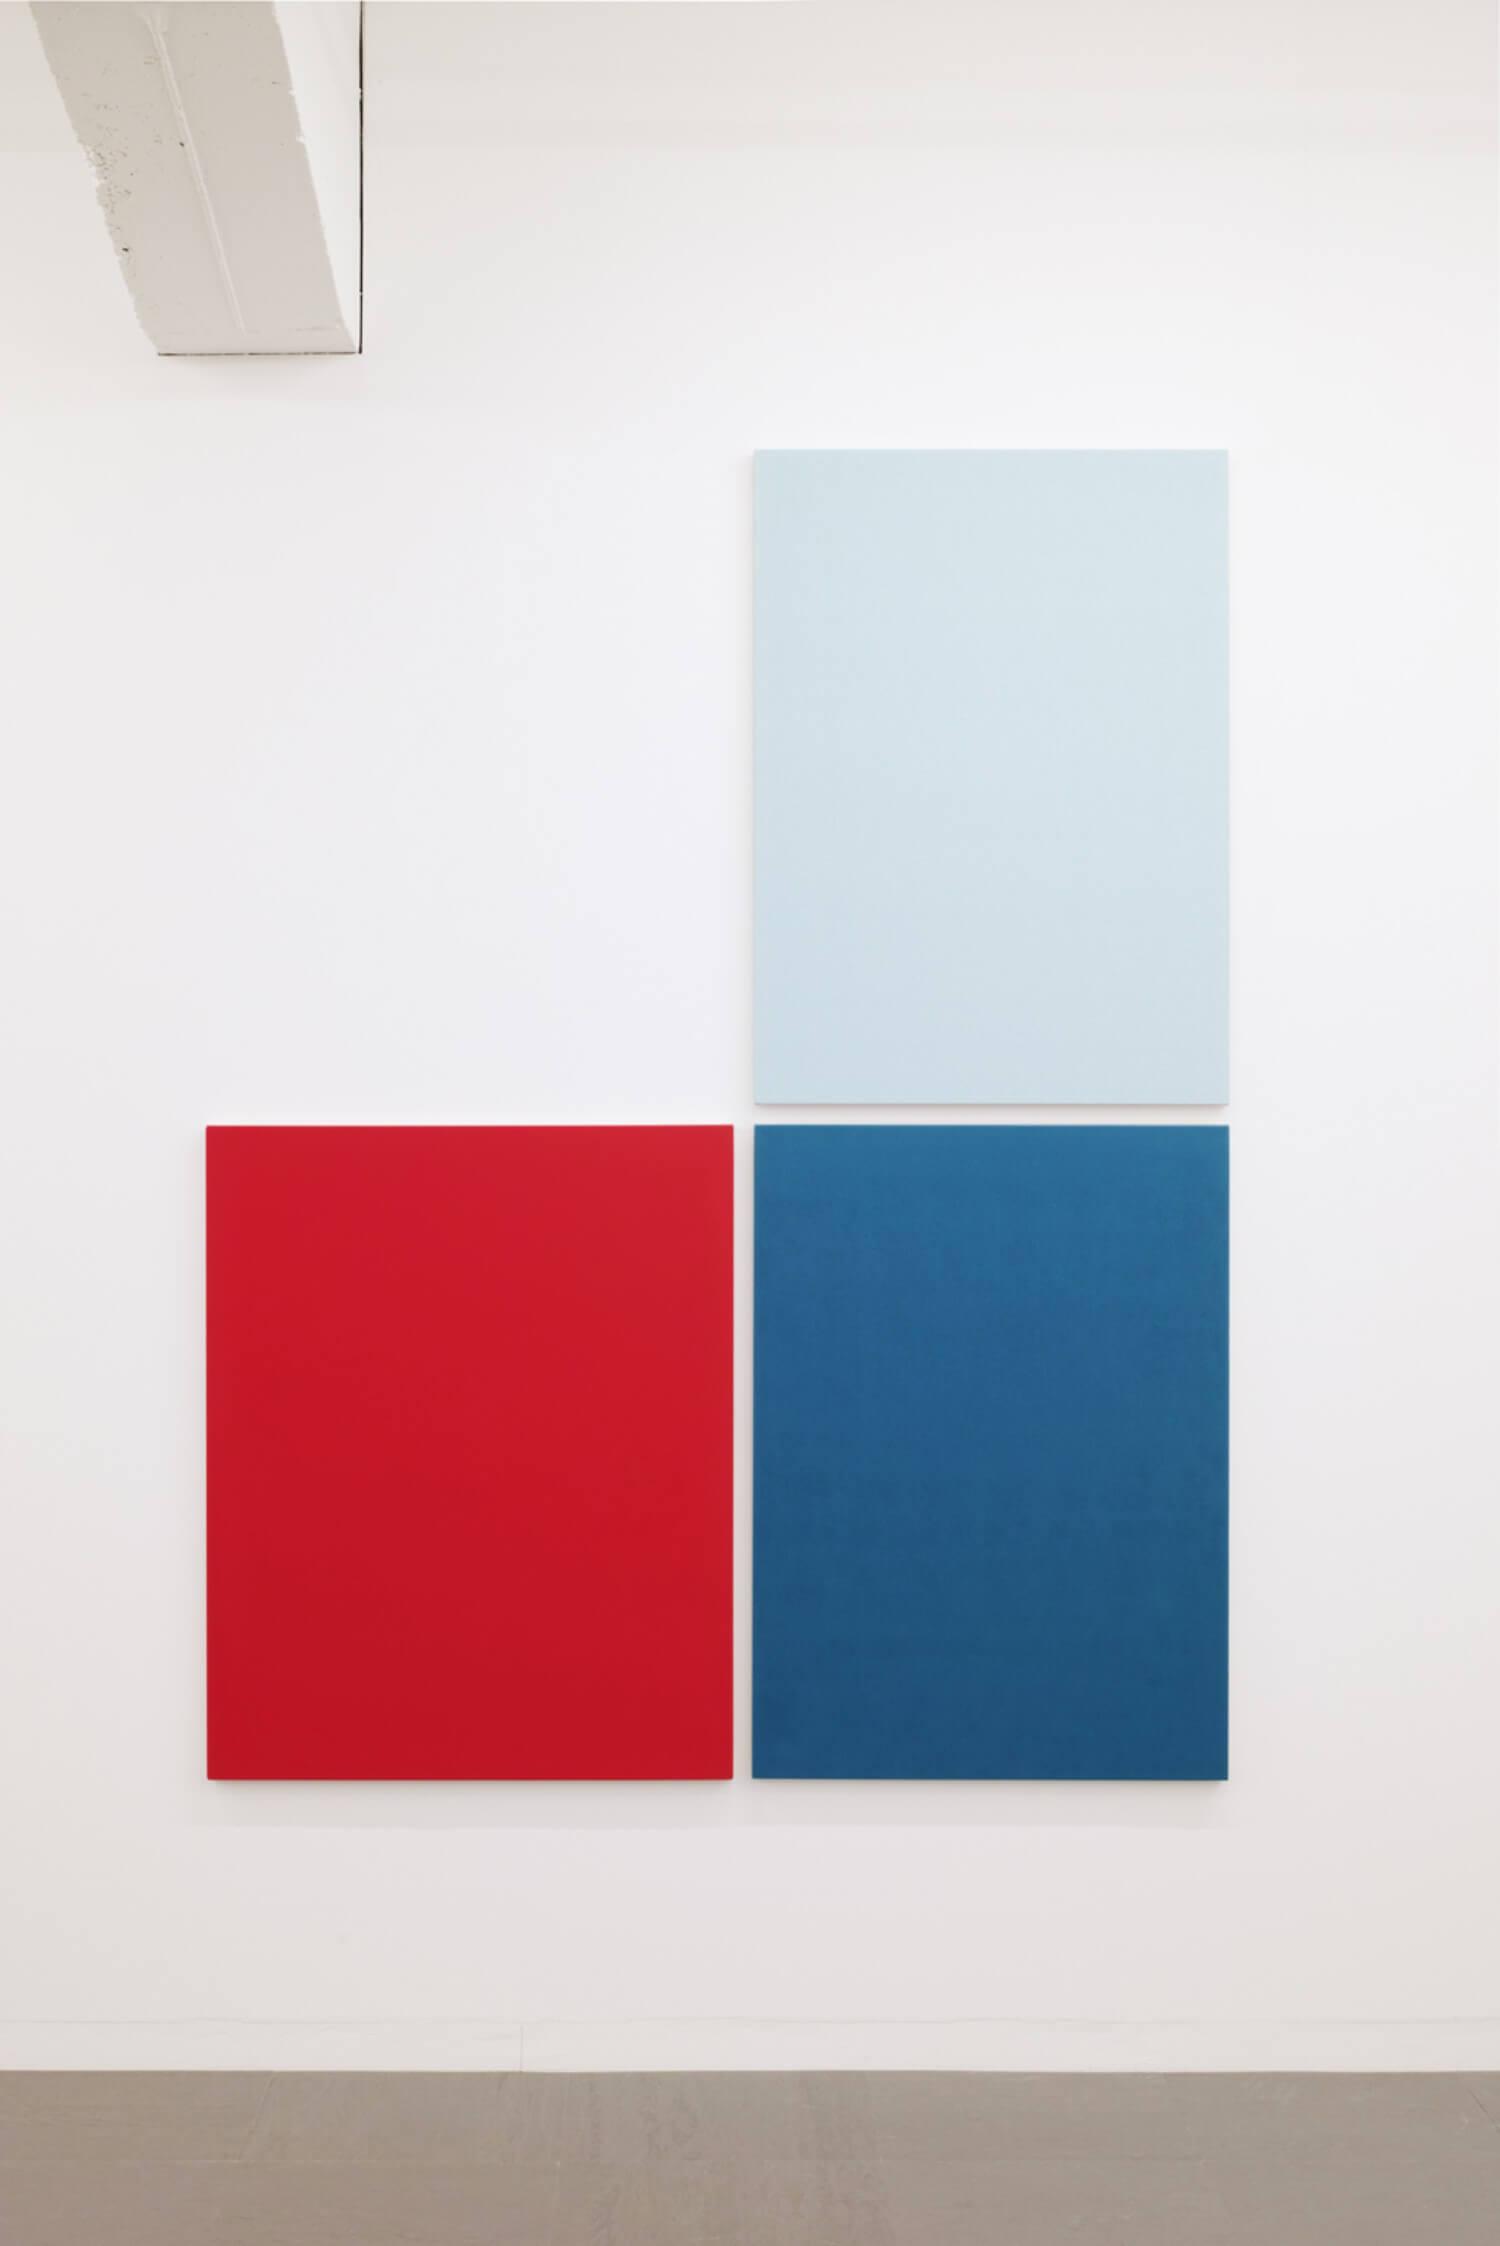 鈴木隆<br>Text No.1093 / oilacrylic on canvas, 2046 x1570 x 30 mm,  overall (set of 3), 2016